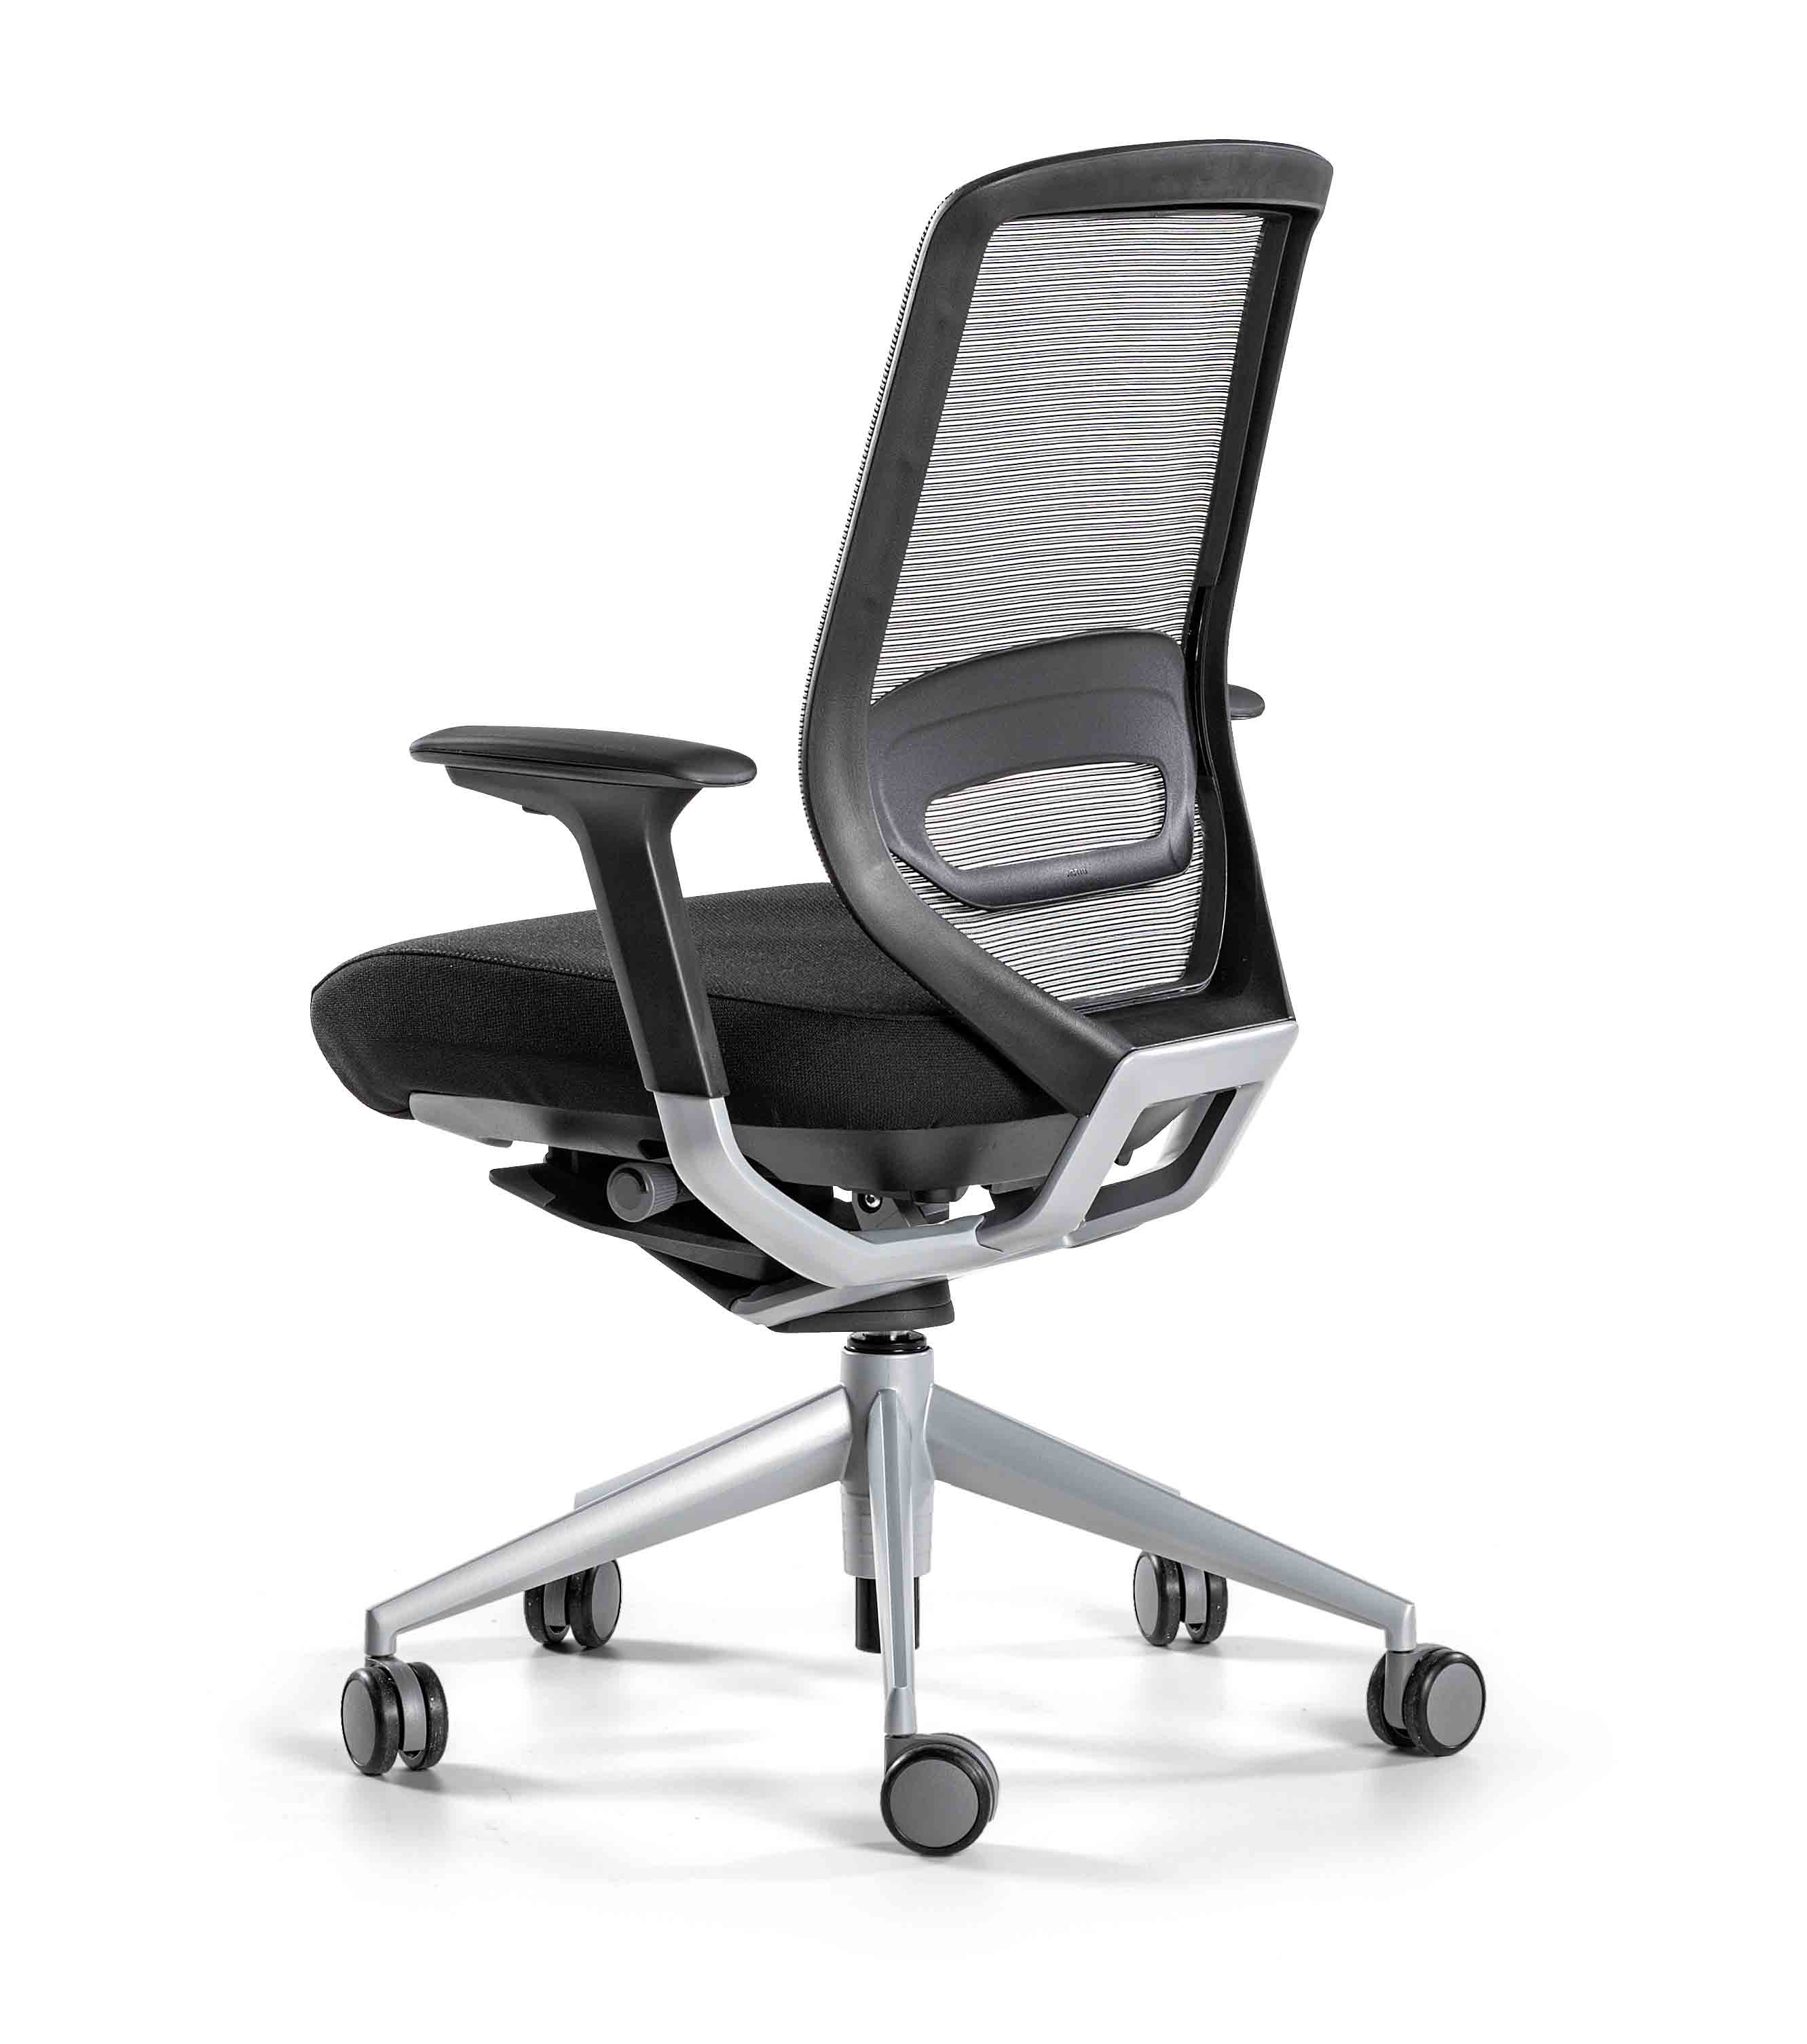 Sillas giratorias tnk ergon micas muebles de oficina spacio for Sillas ergonomicas con apoyo lumbar